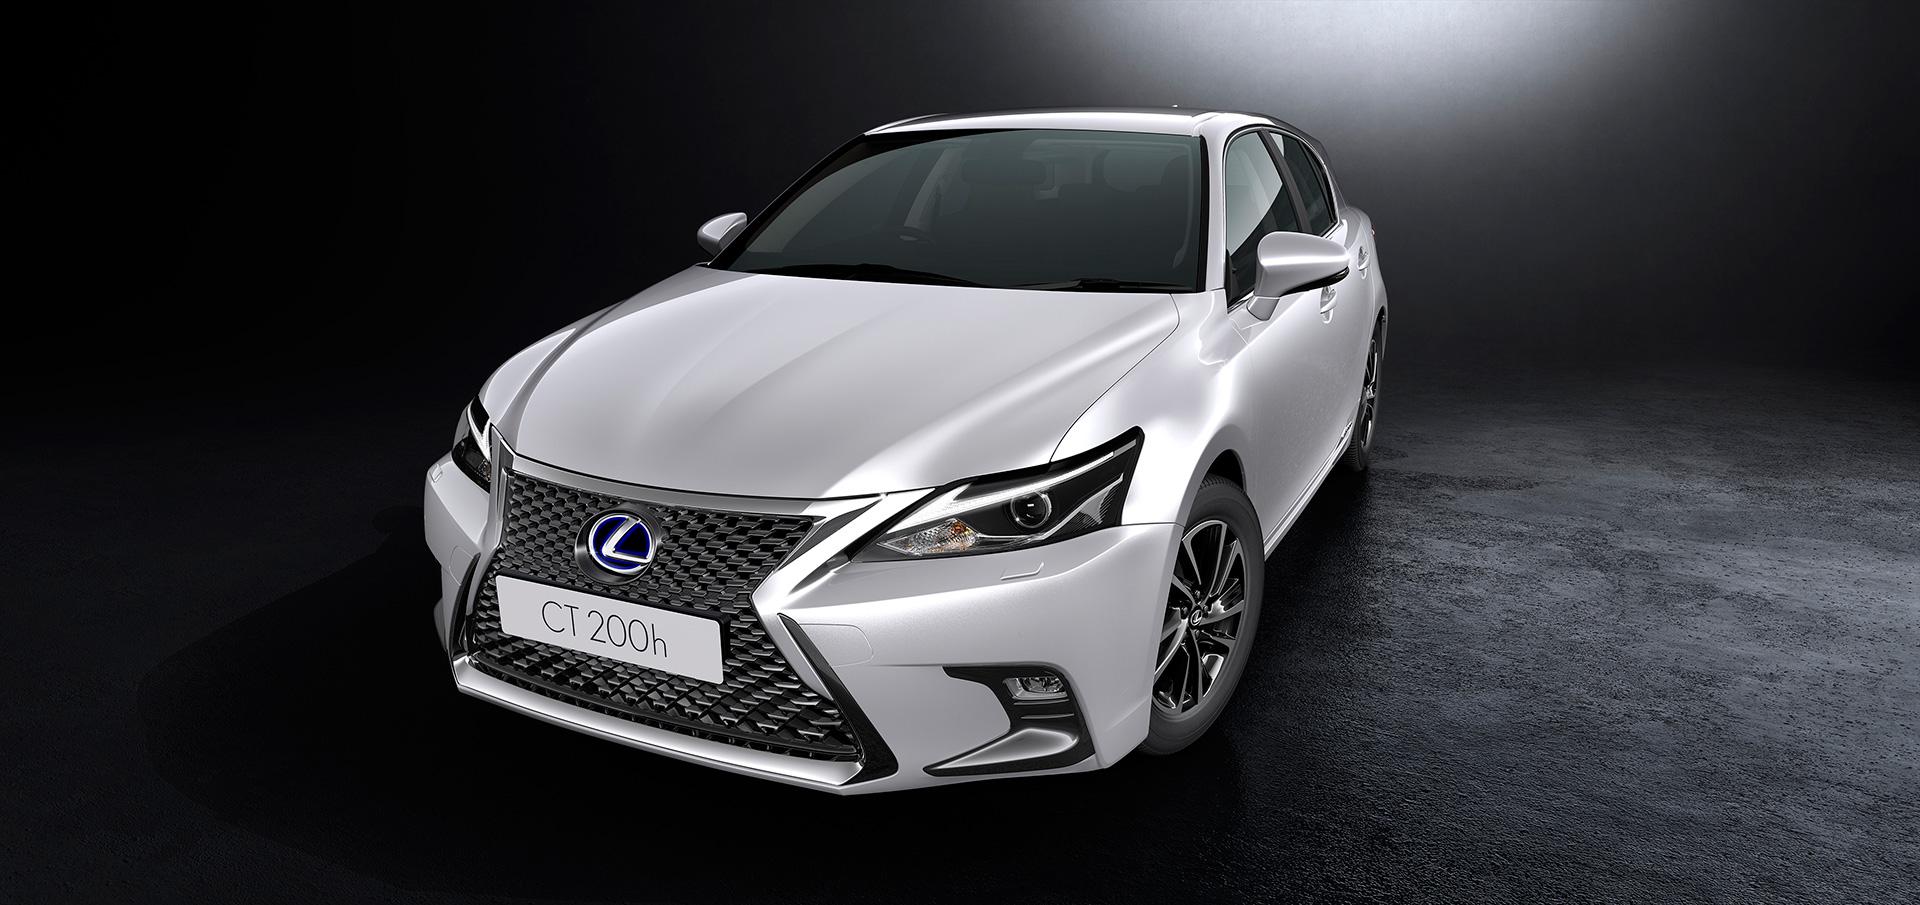 Lexus F Sport >> 20170615_01_09_s 画像|2017年秋発売予定の新型レクサスCTを世界初公開!! 全面改良か!?マイナーチェンジか!? | clicccar.com